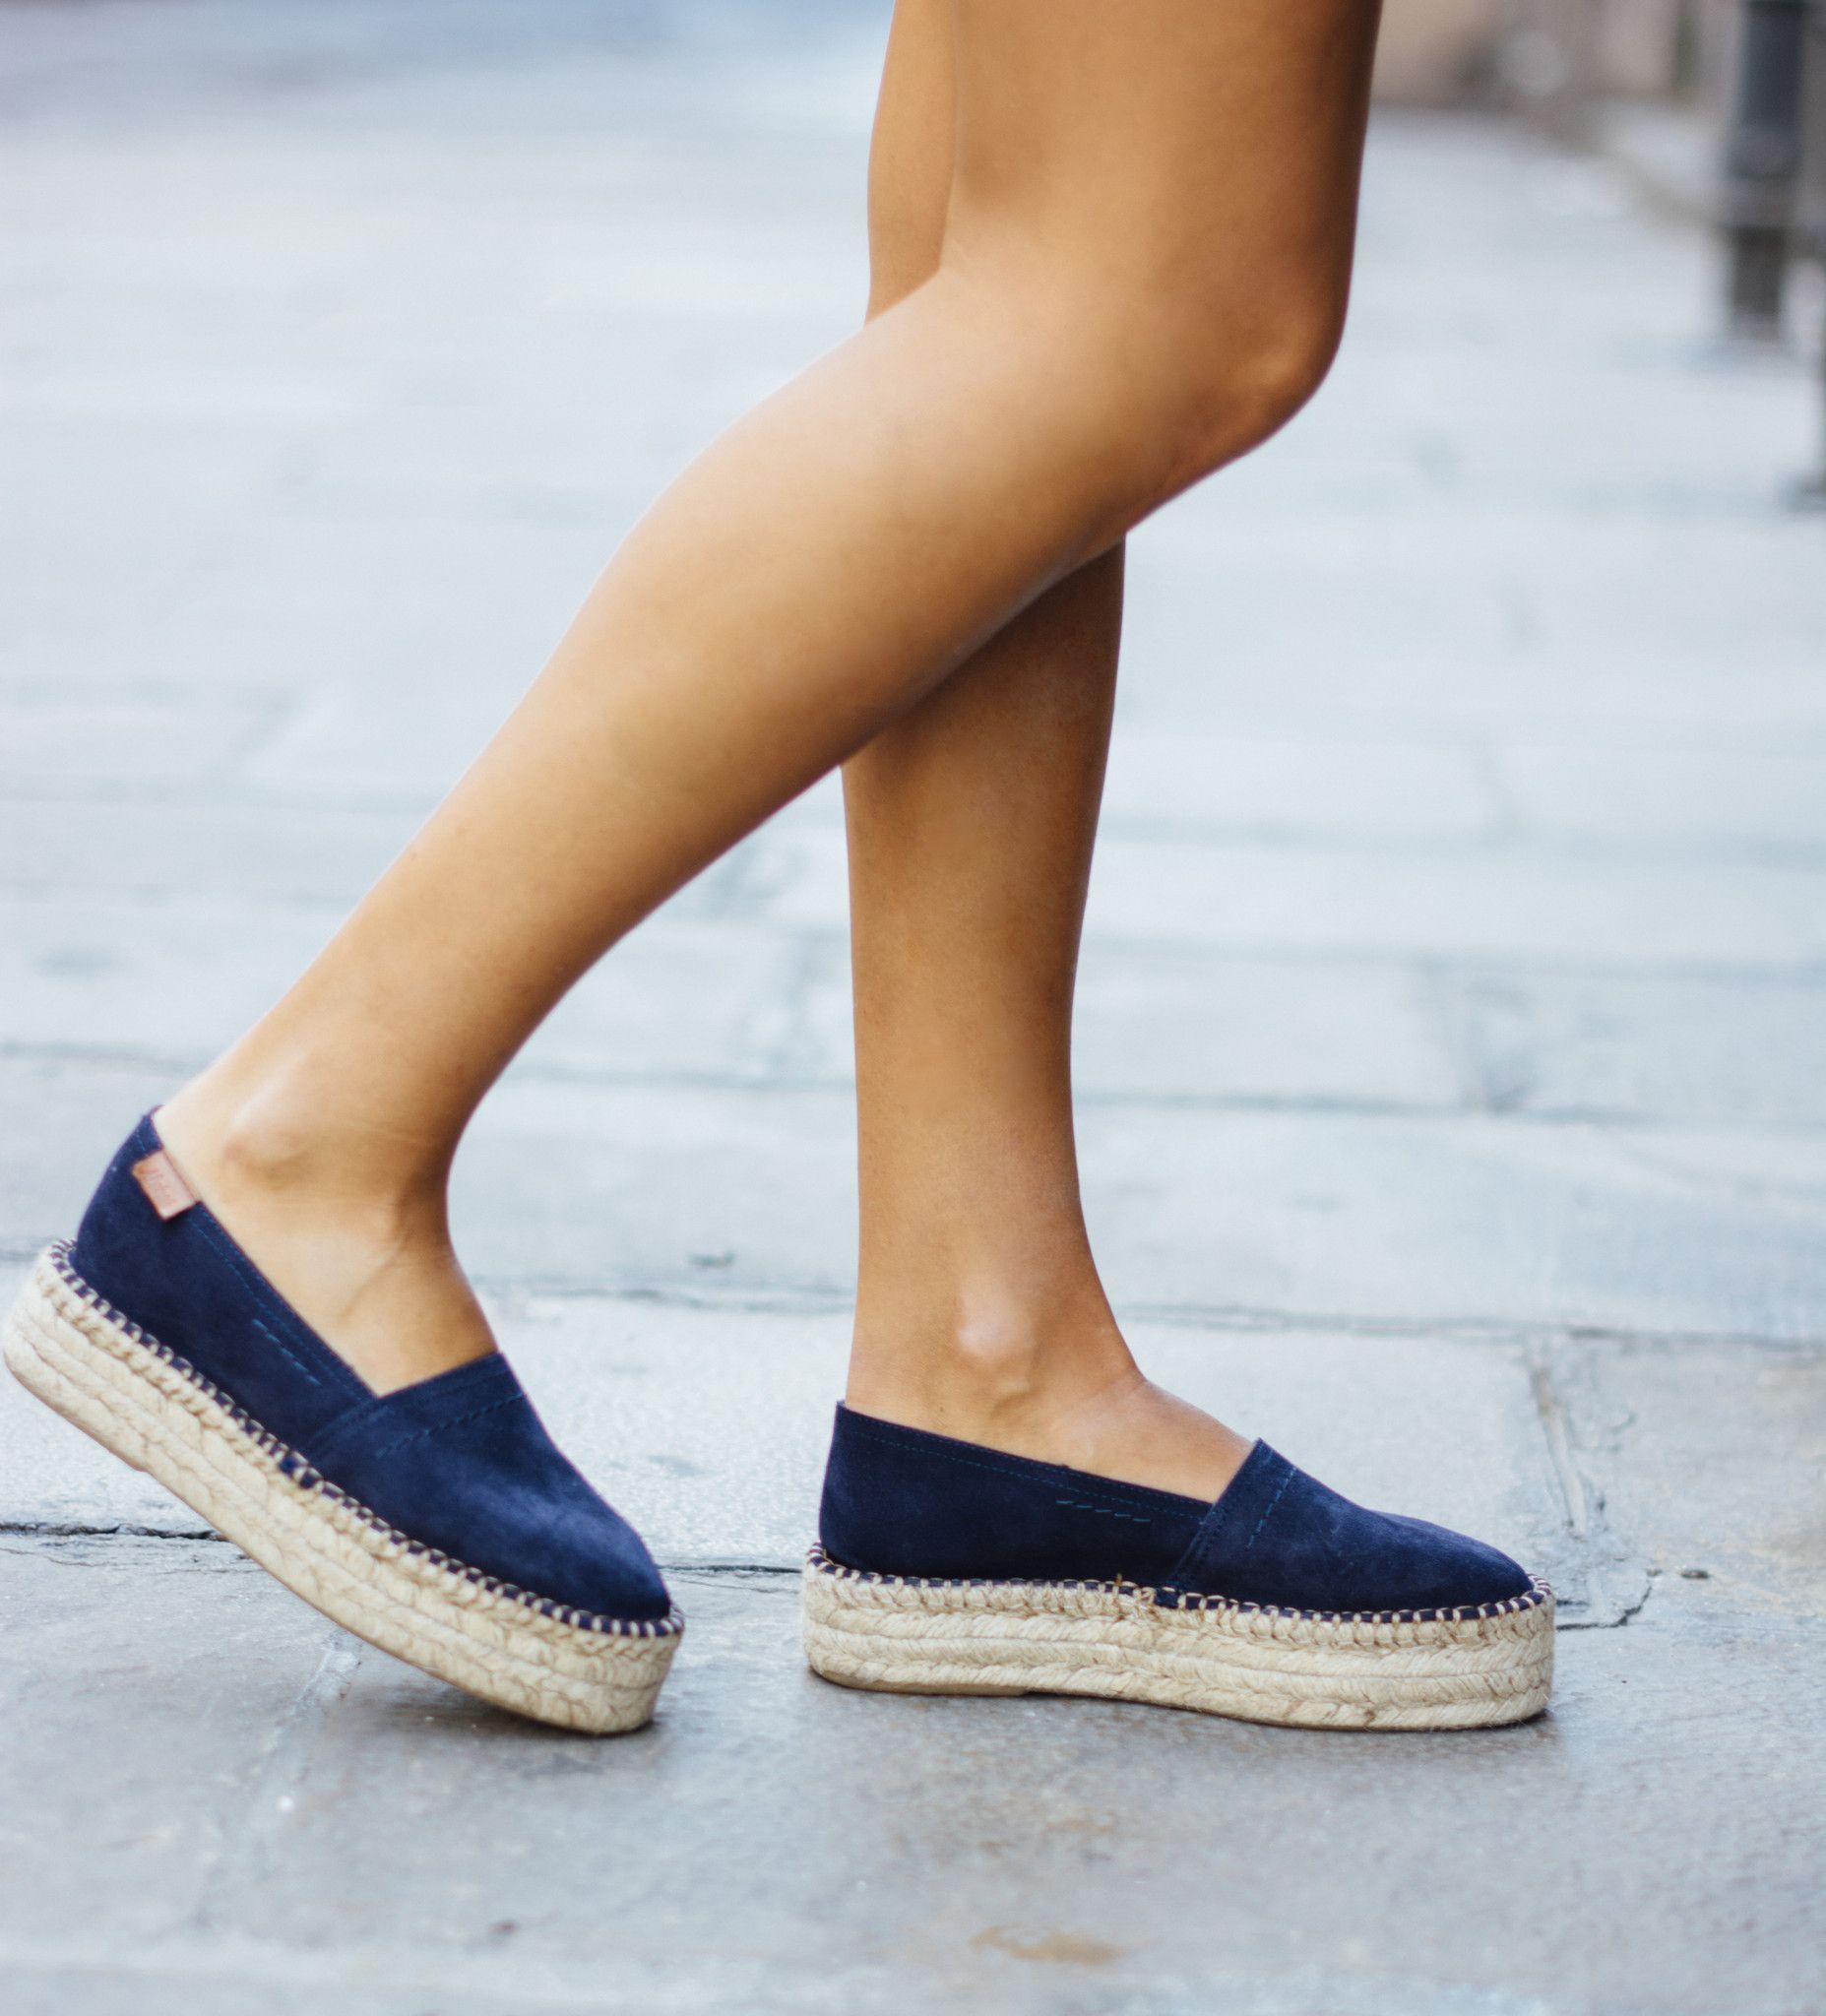 872a6b7c02 Platform Espadrille Navy | clothes | Shoes, Espadrilles, Shoe boots